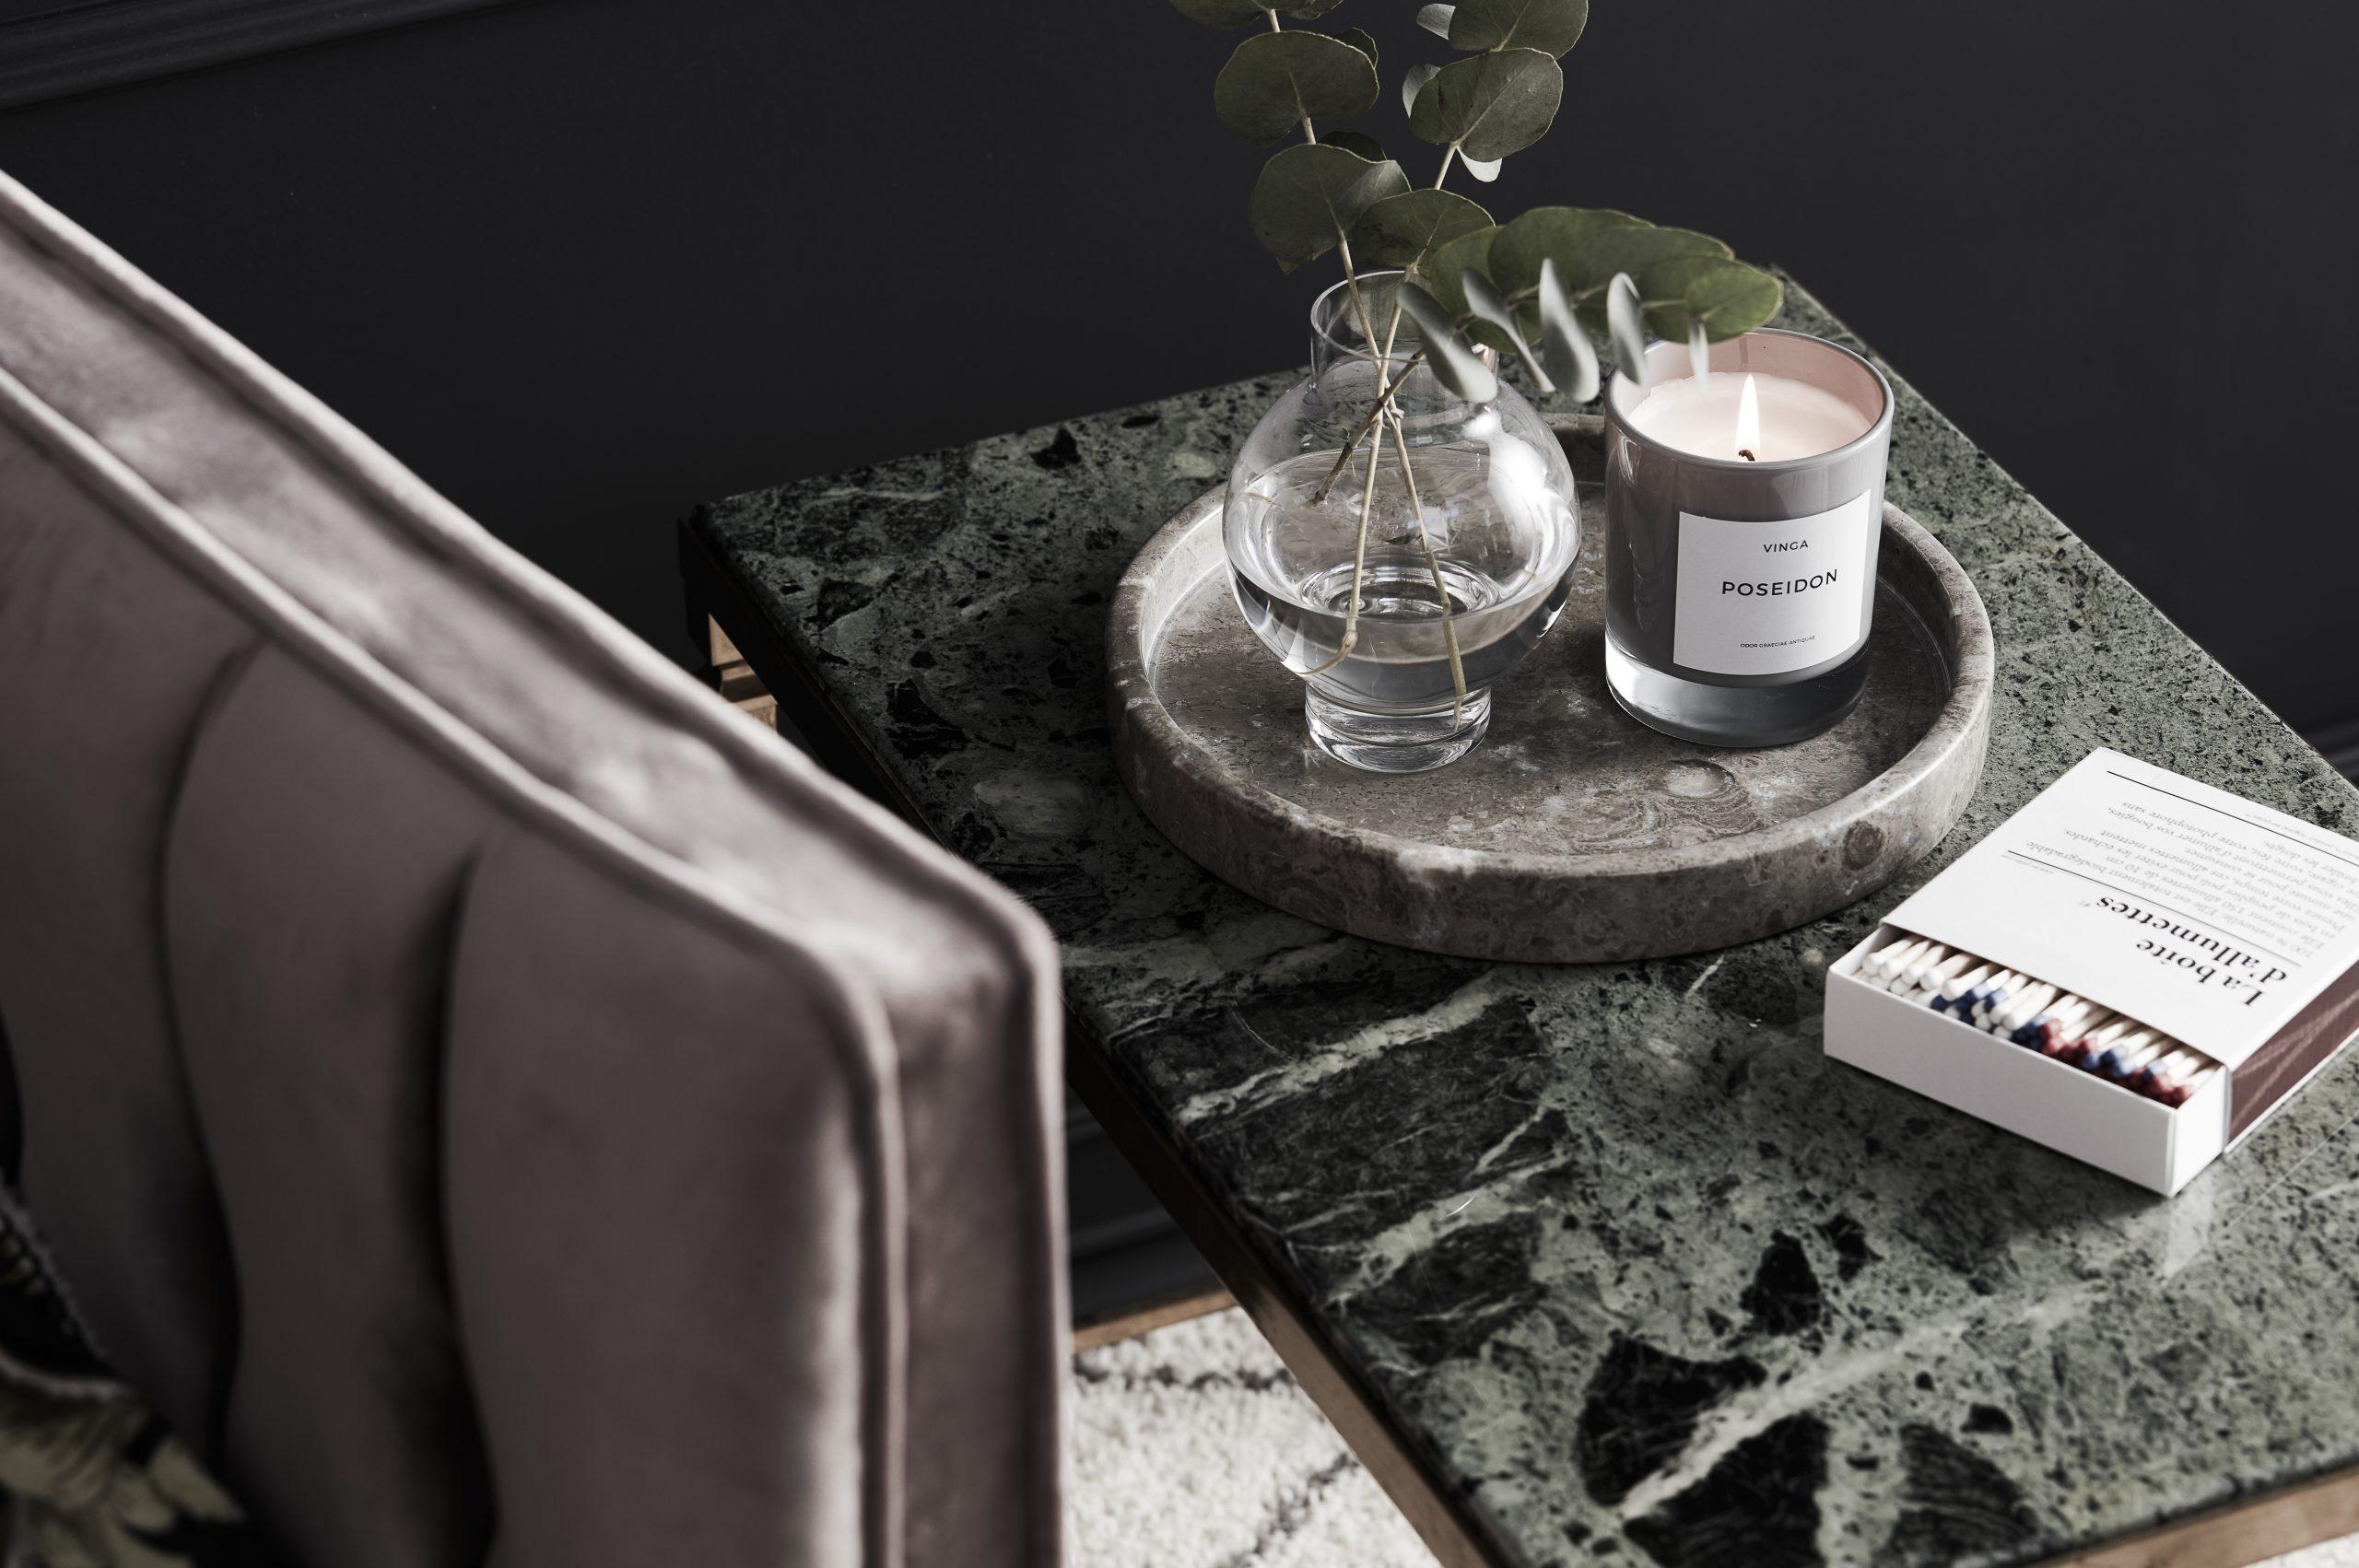 soffa, doftljus, marmor, bricka